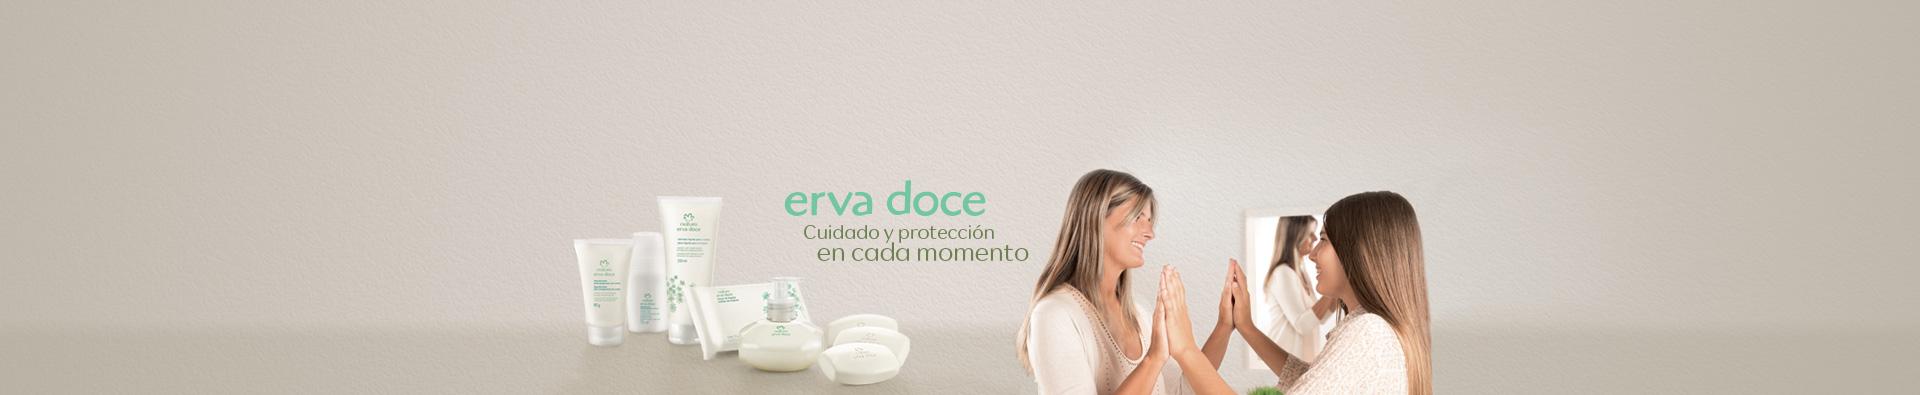 Nuevos Productos Erva Doce sobre una mesada, detrás una mujer con un niña ambas sonriendo